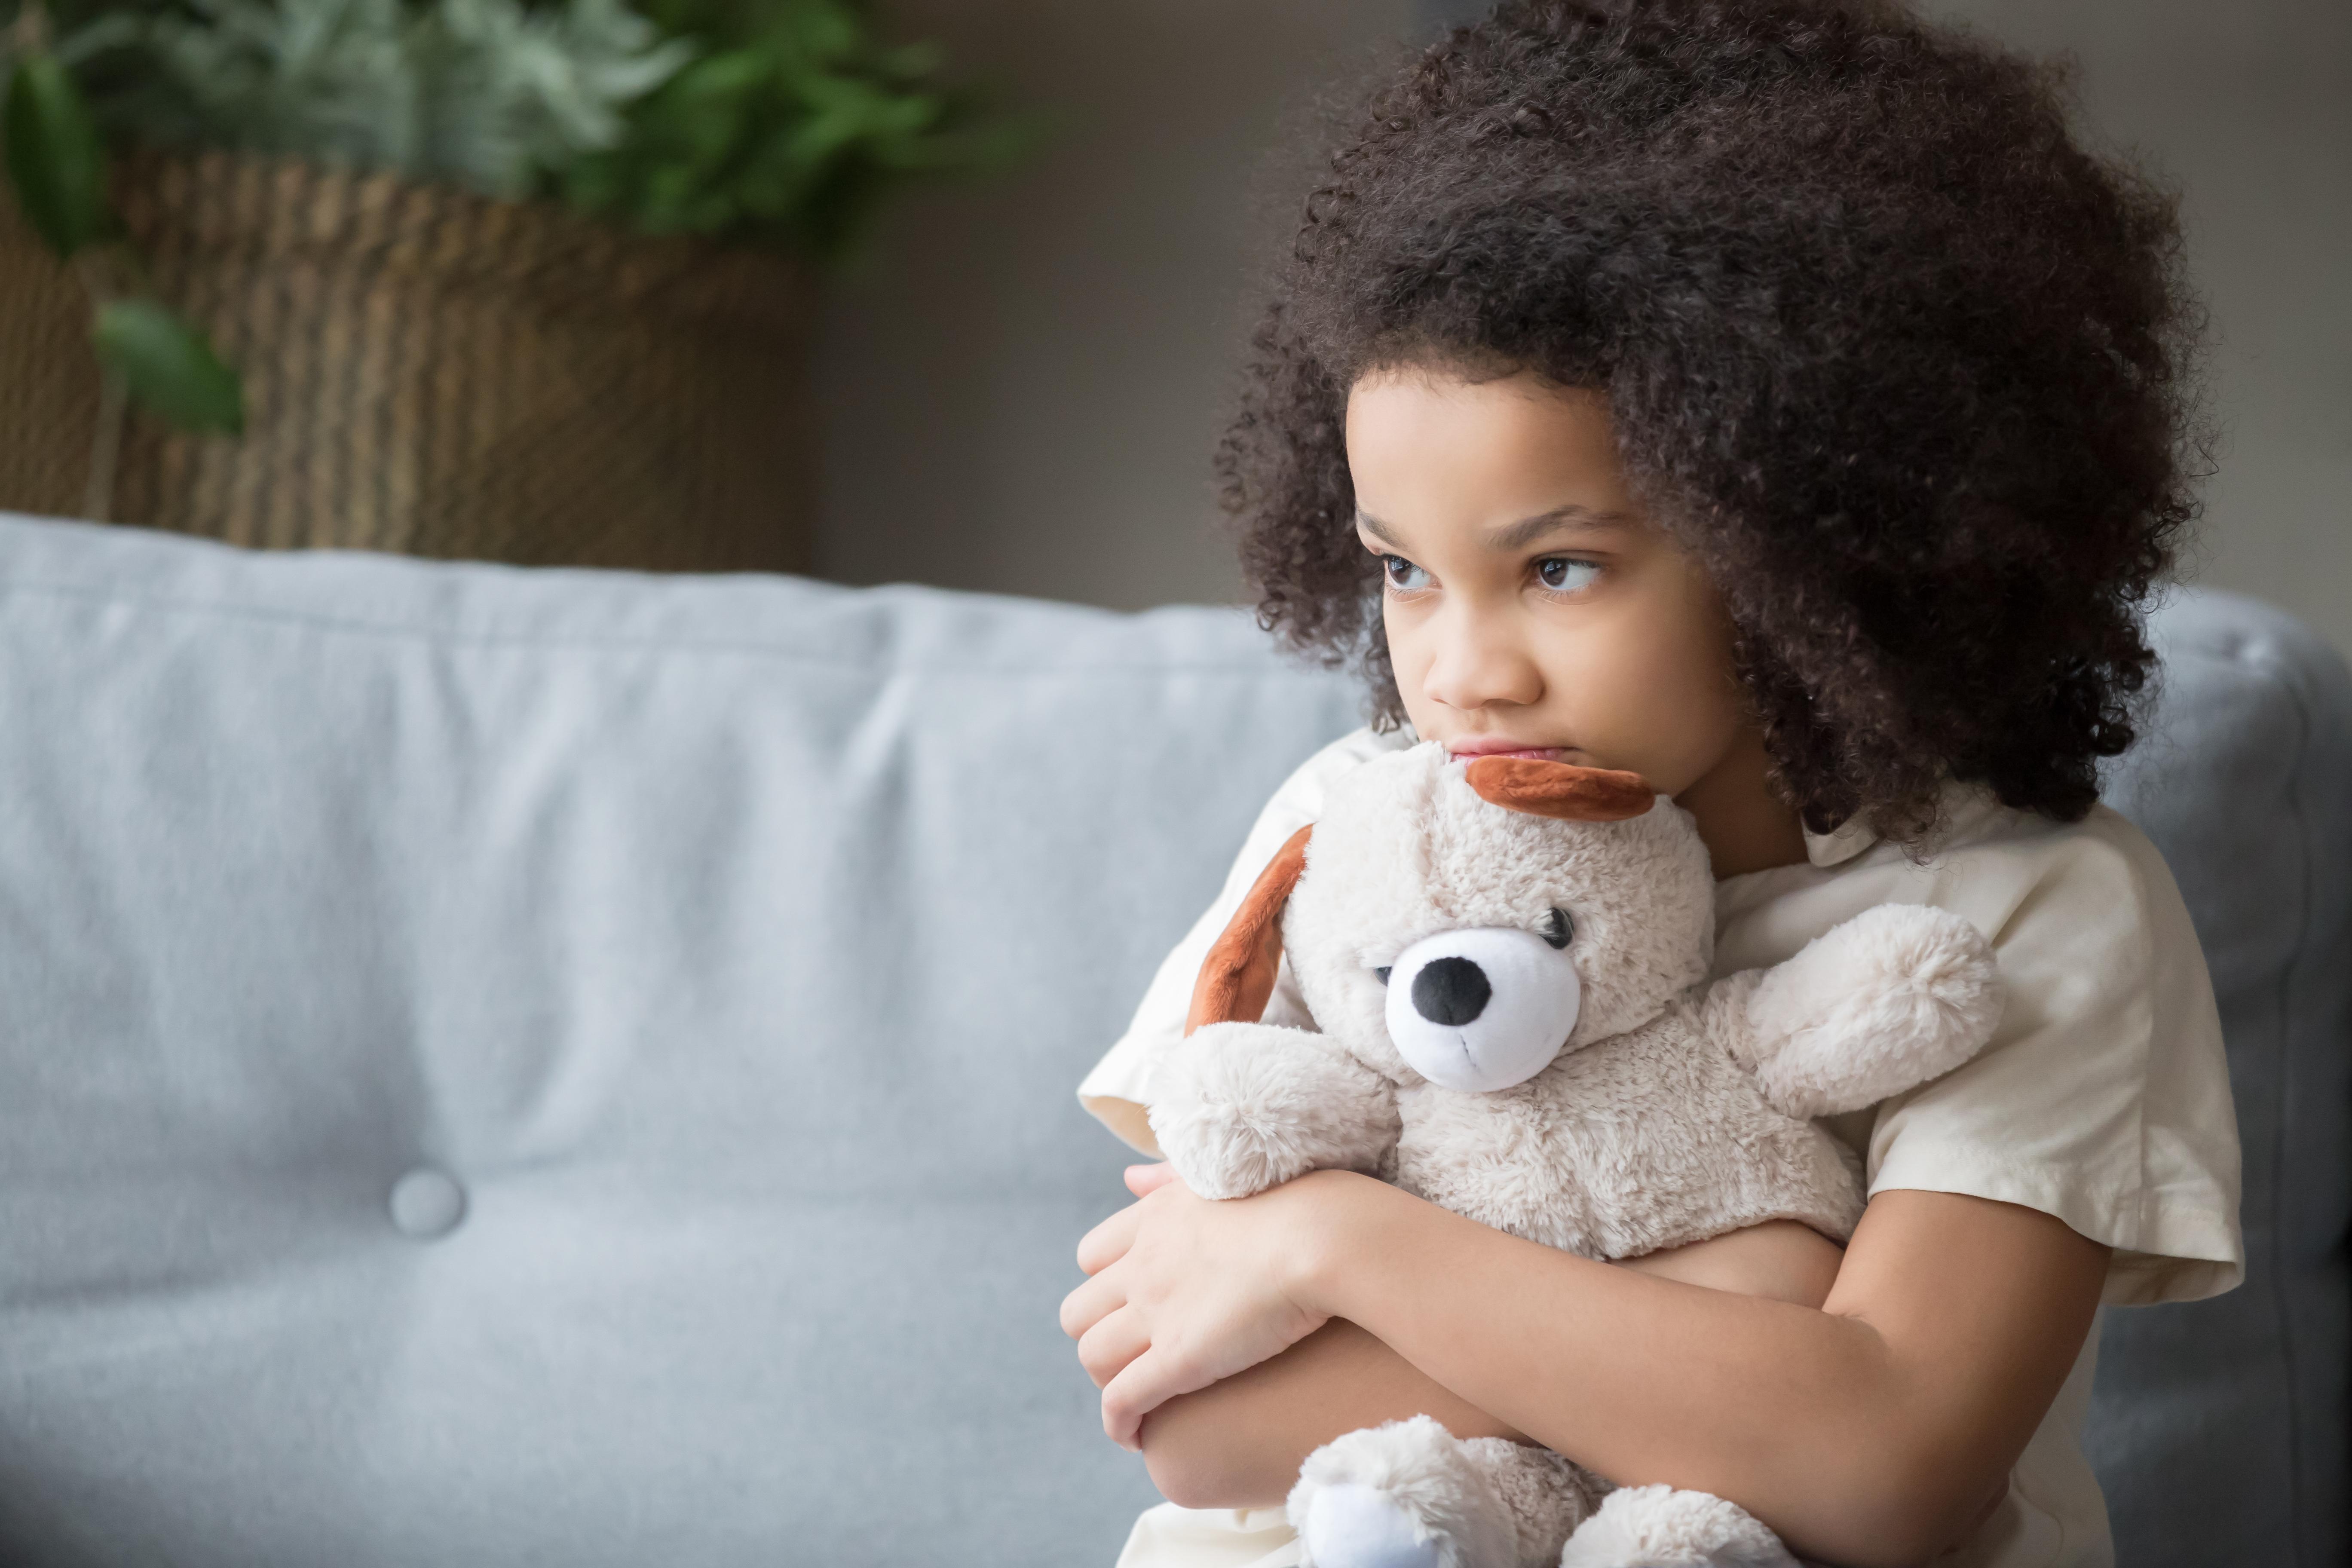 Det viktigaste du kan göra som vuxen är att trygga, lugna och stärka barnets känsla av kontroll - ta reda på vad just ditt barn vet och behöver.